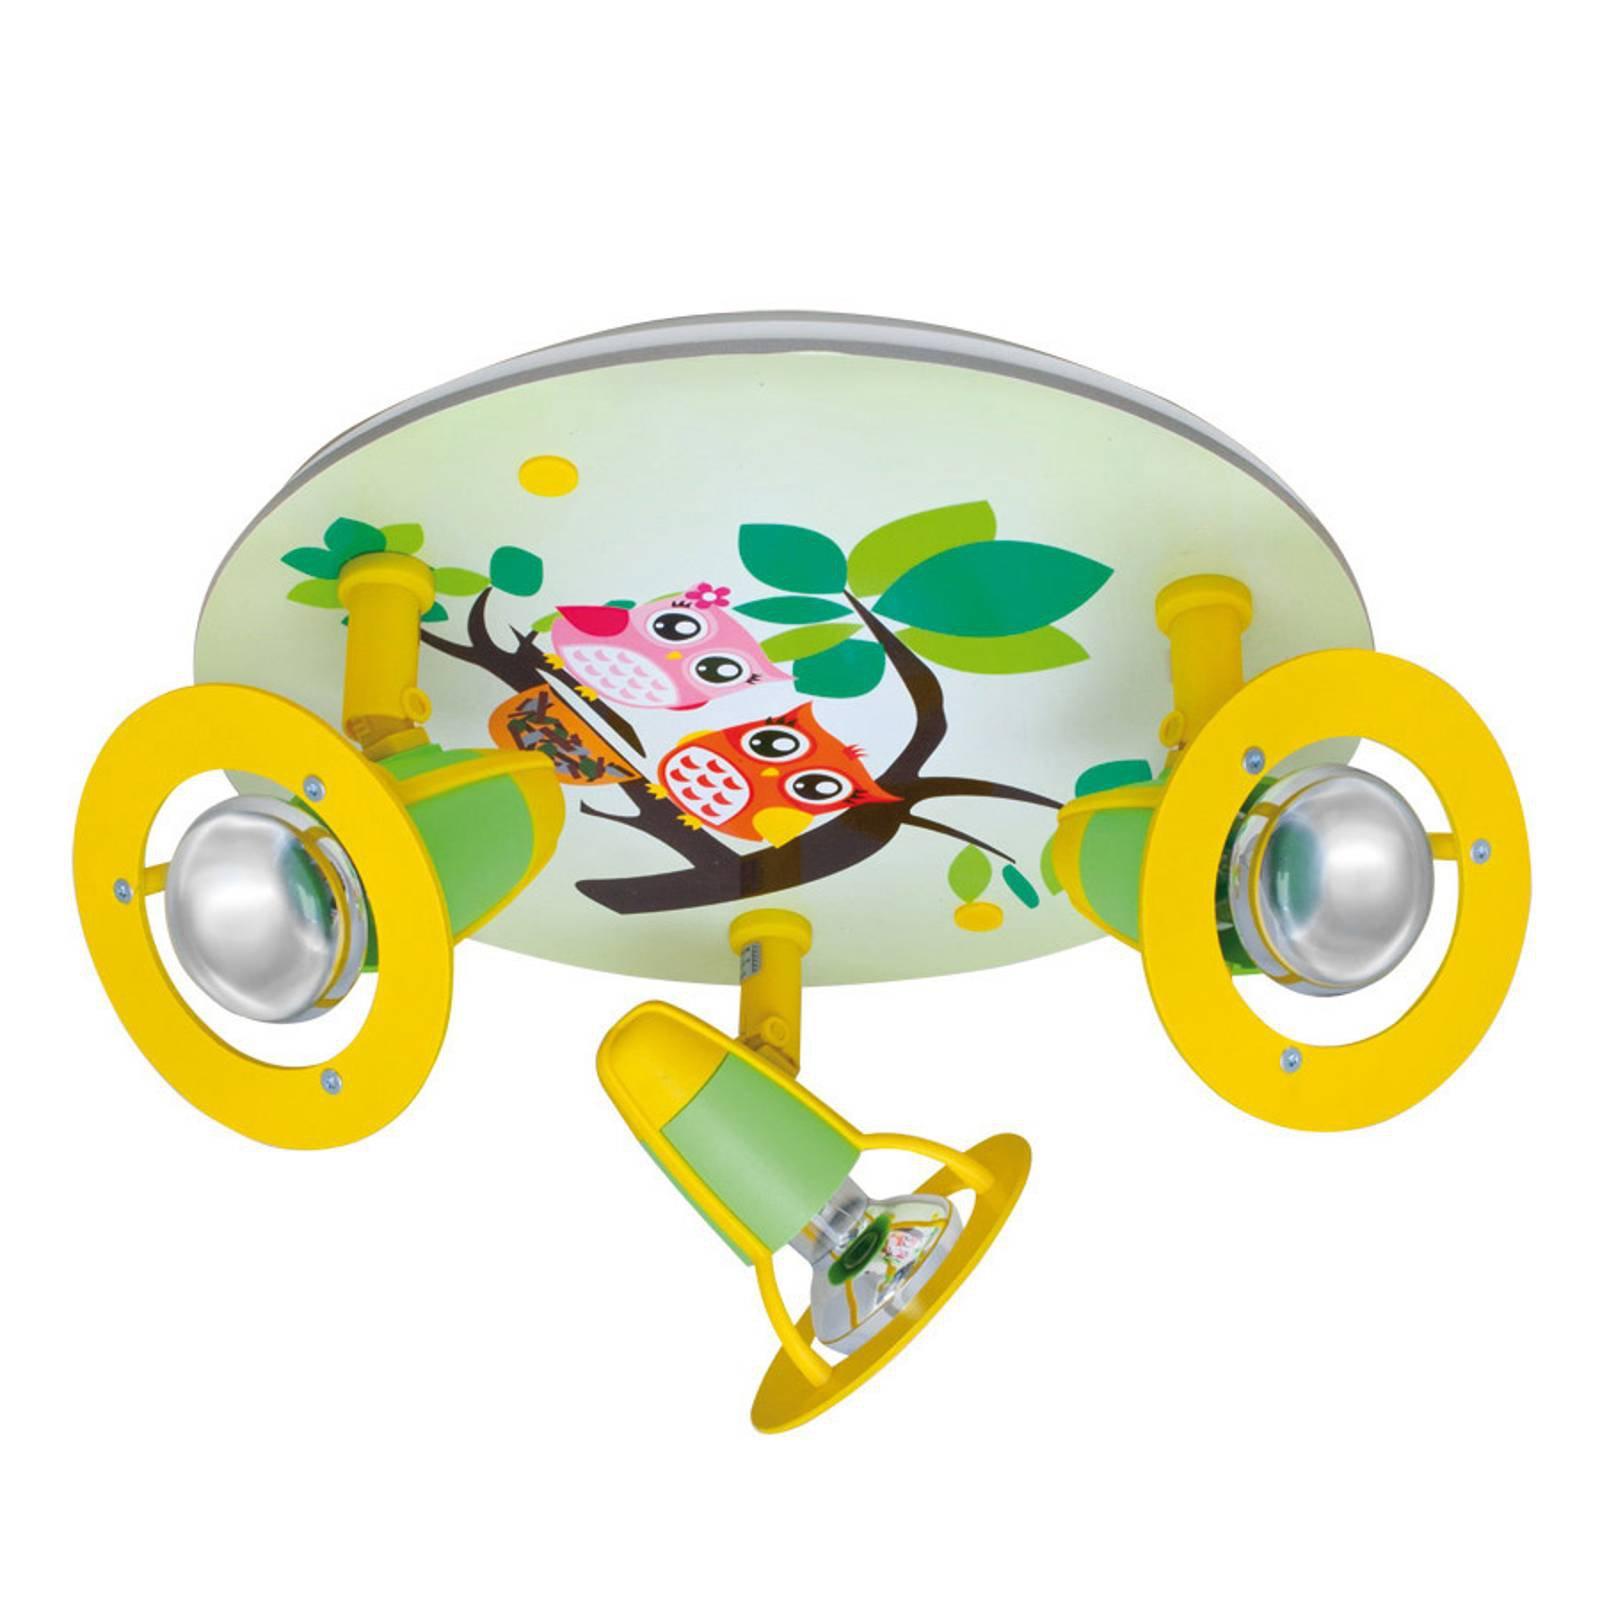 Taklampe Ugle til barnerom, grønn og gul